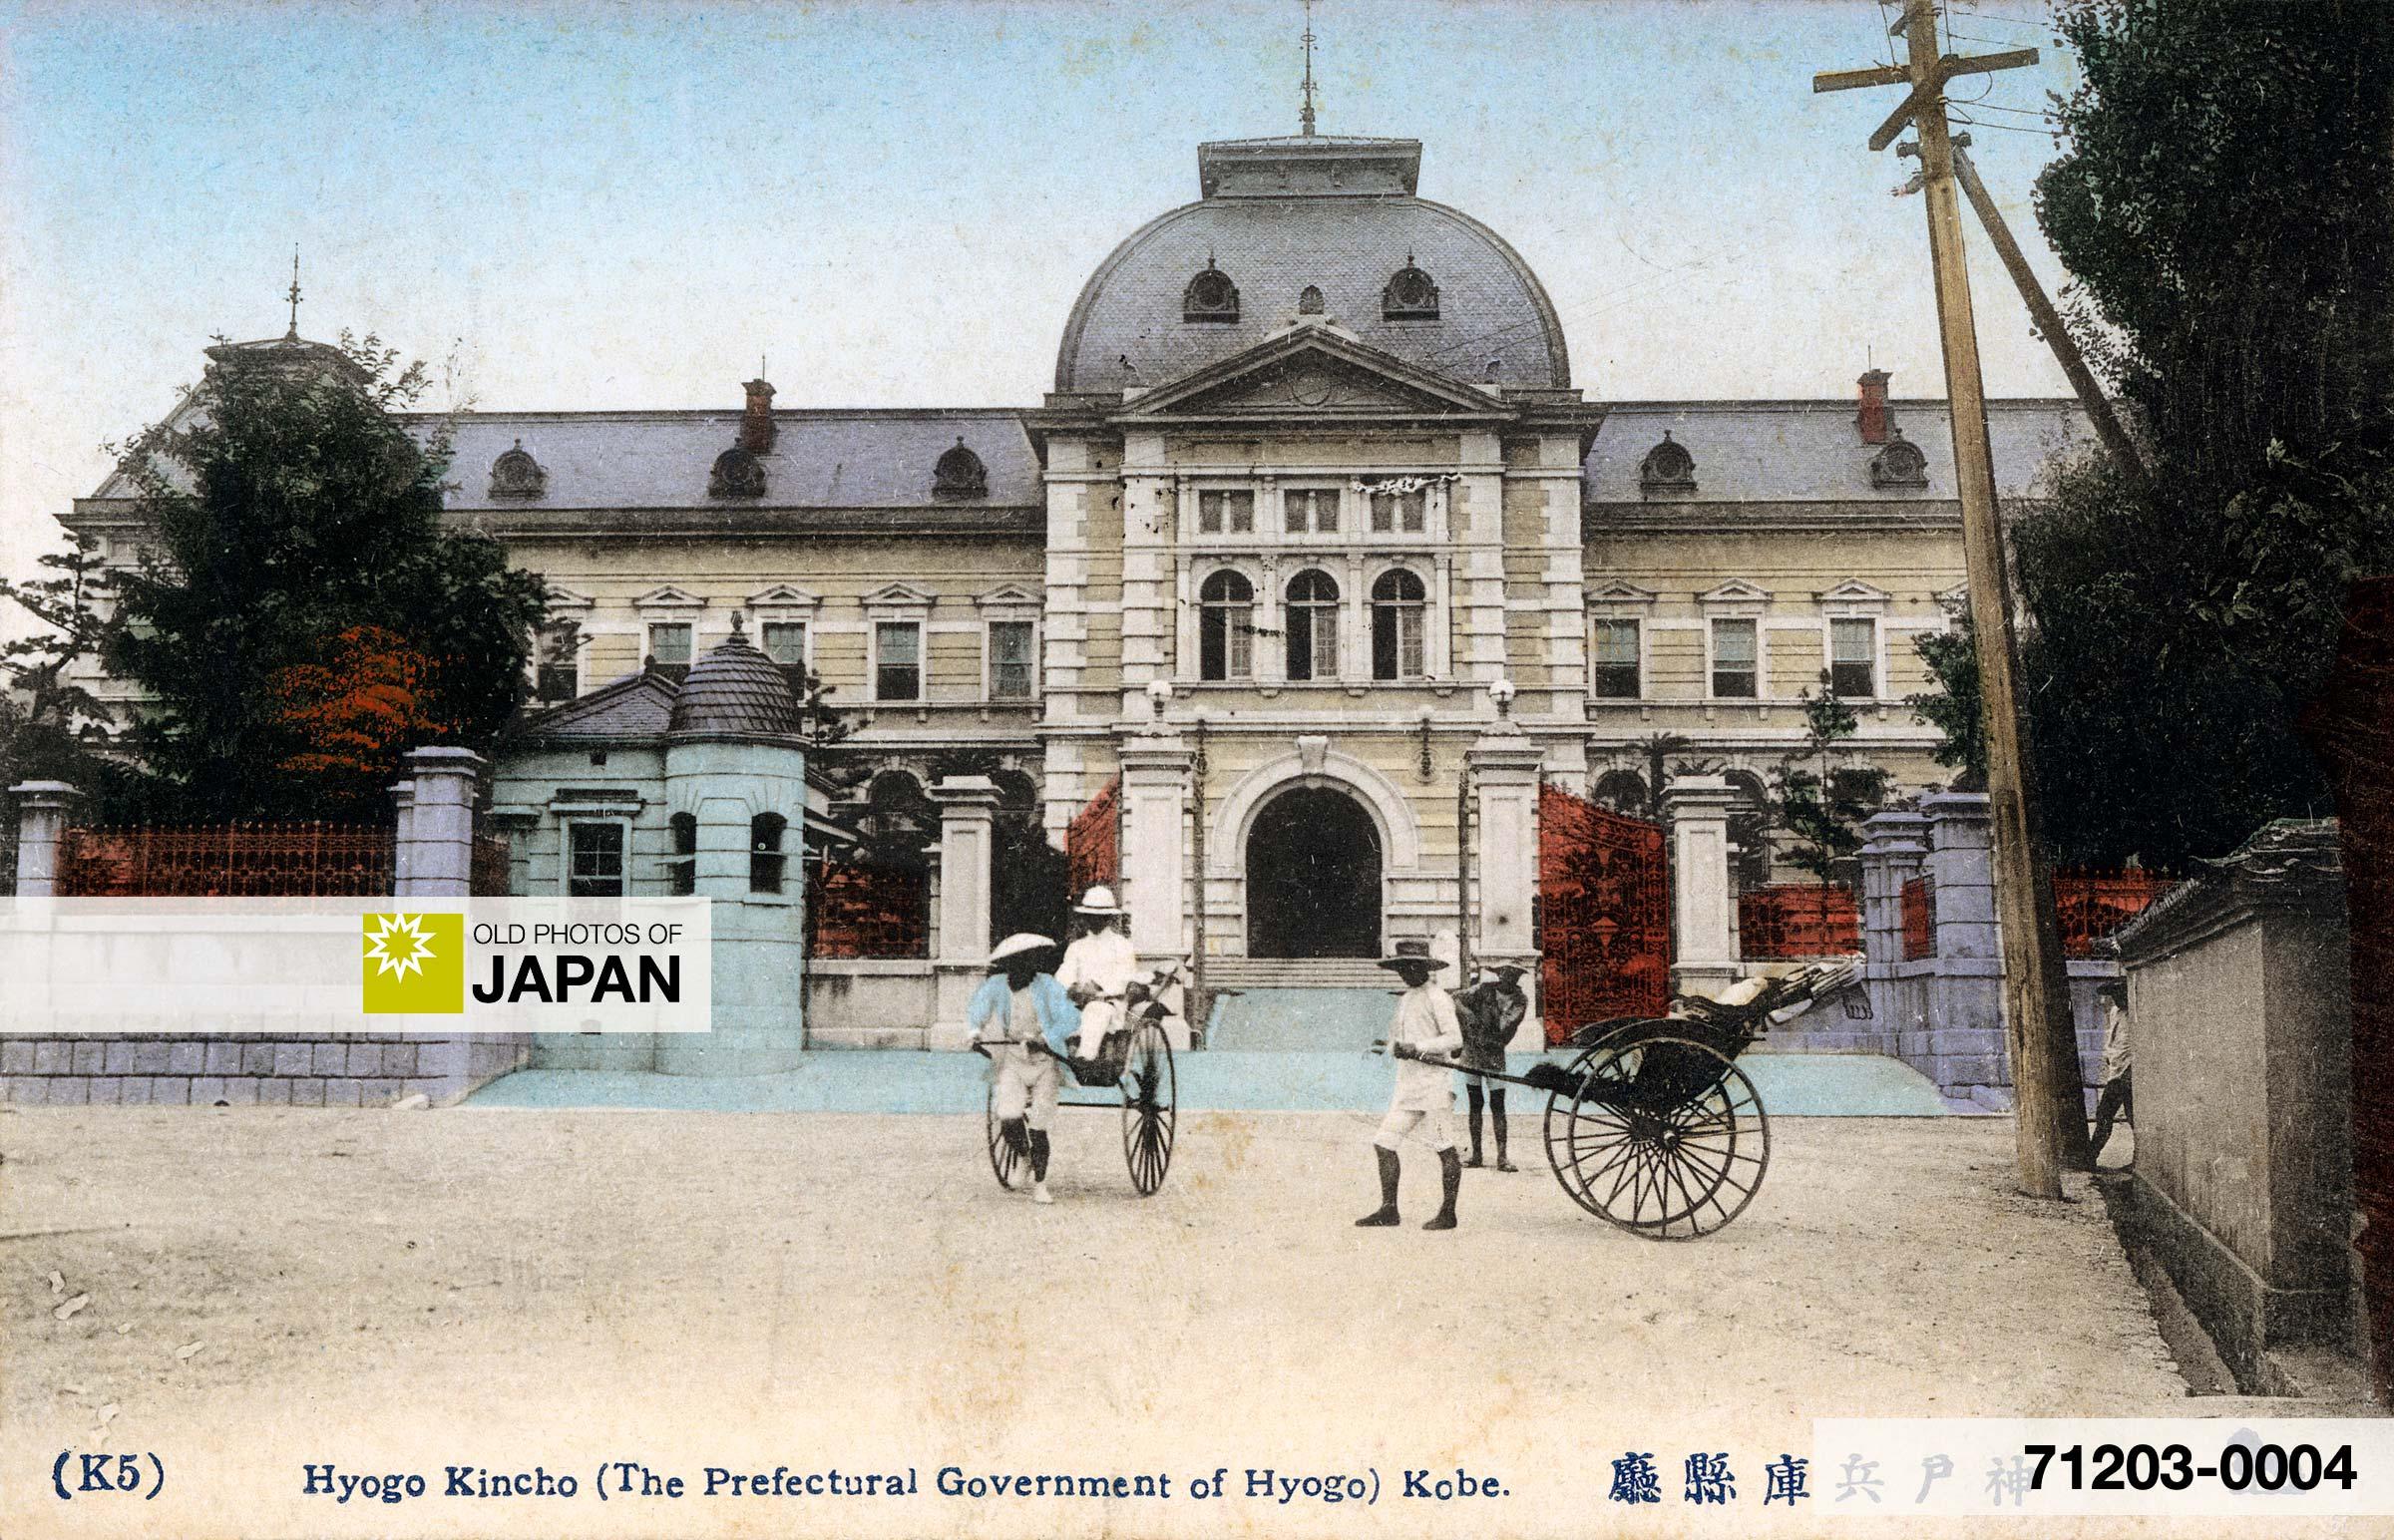 Hyogo Kencho